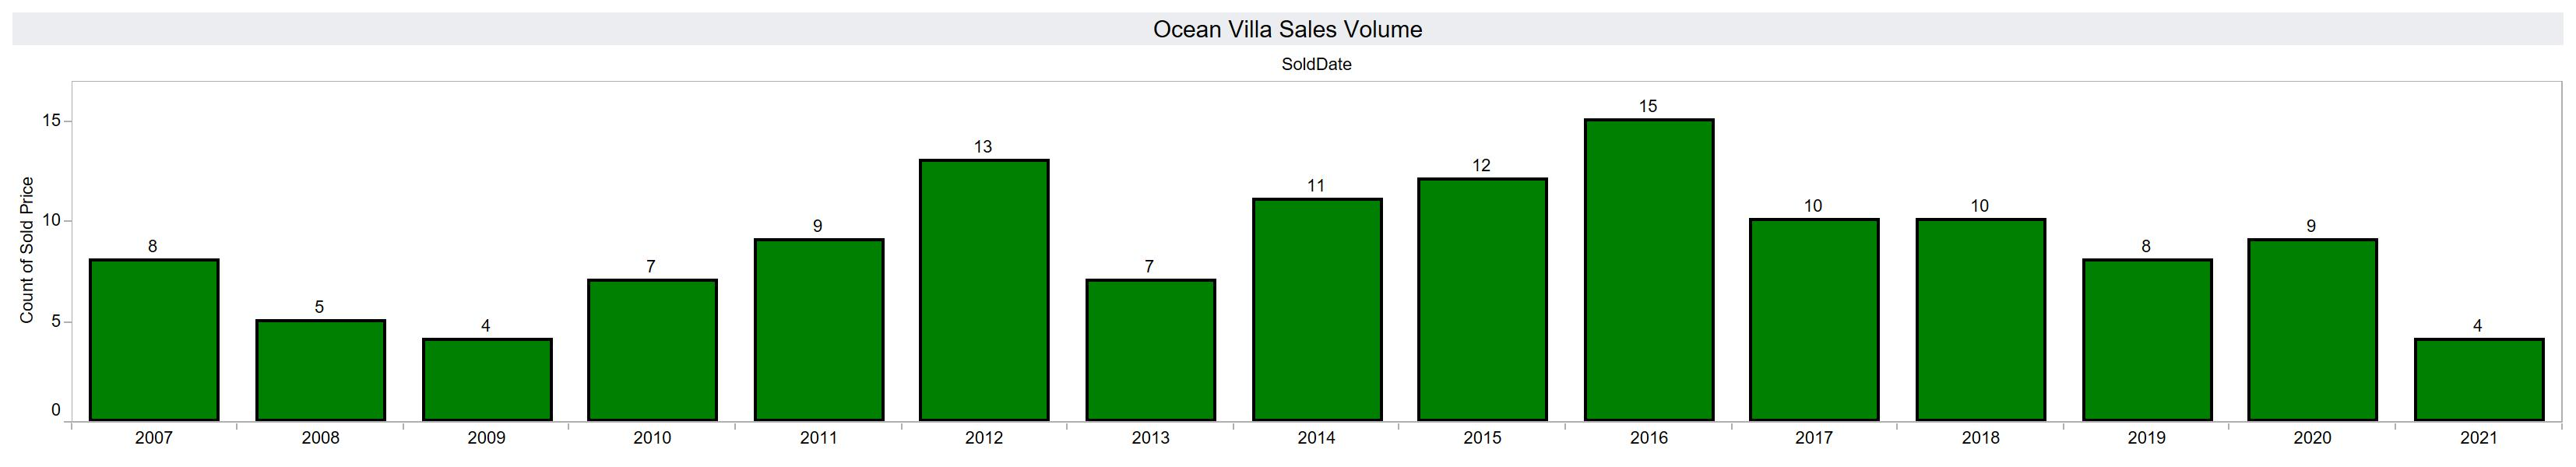 Sales volume at Ocean Villa condominium